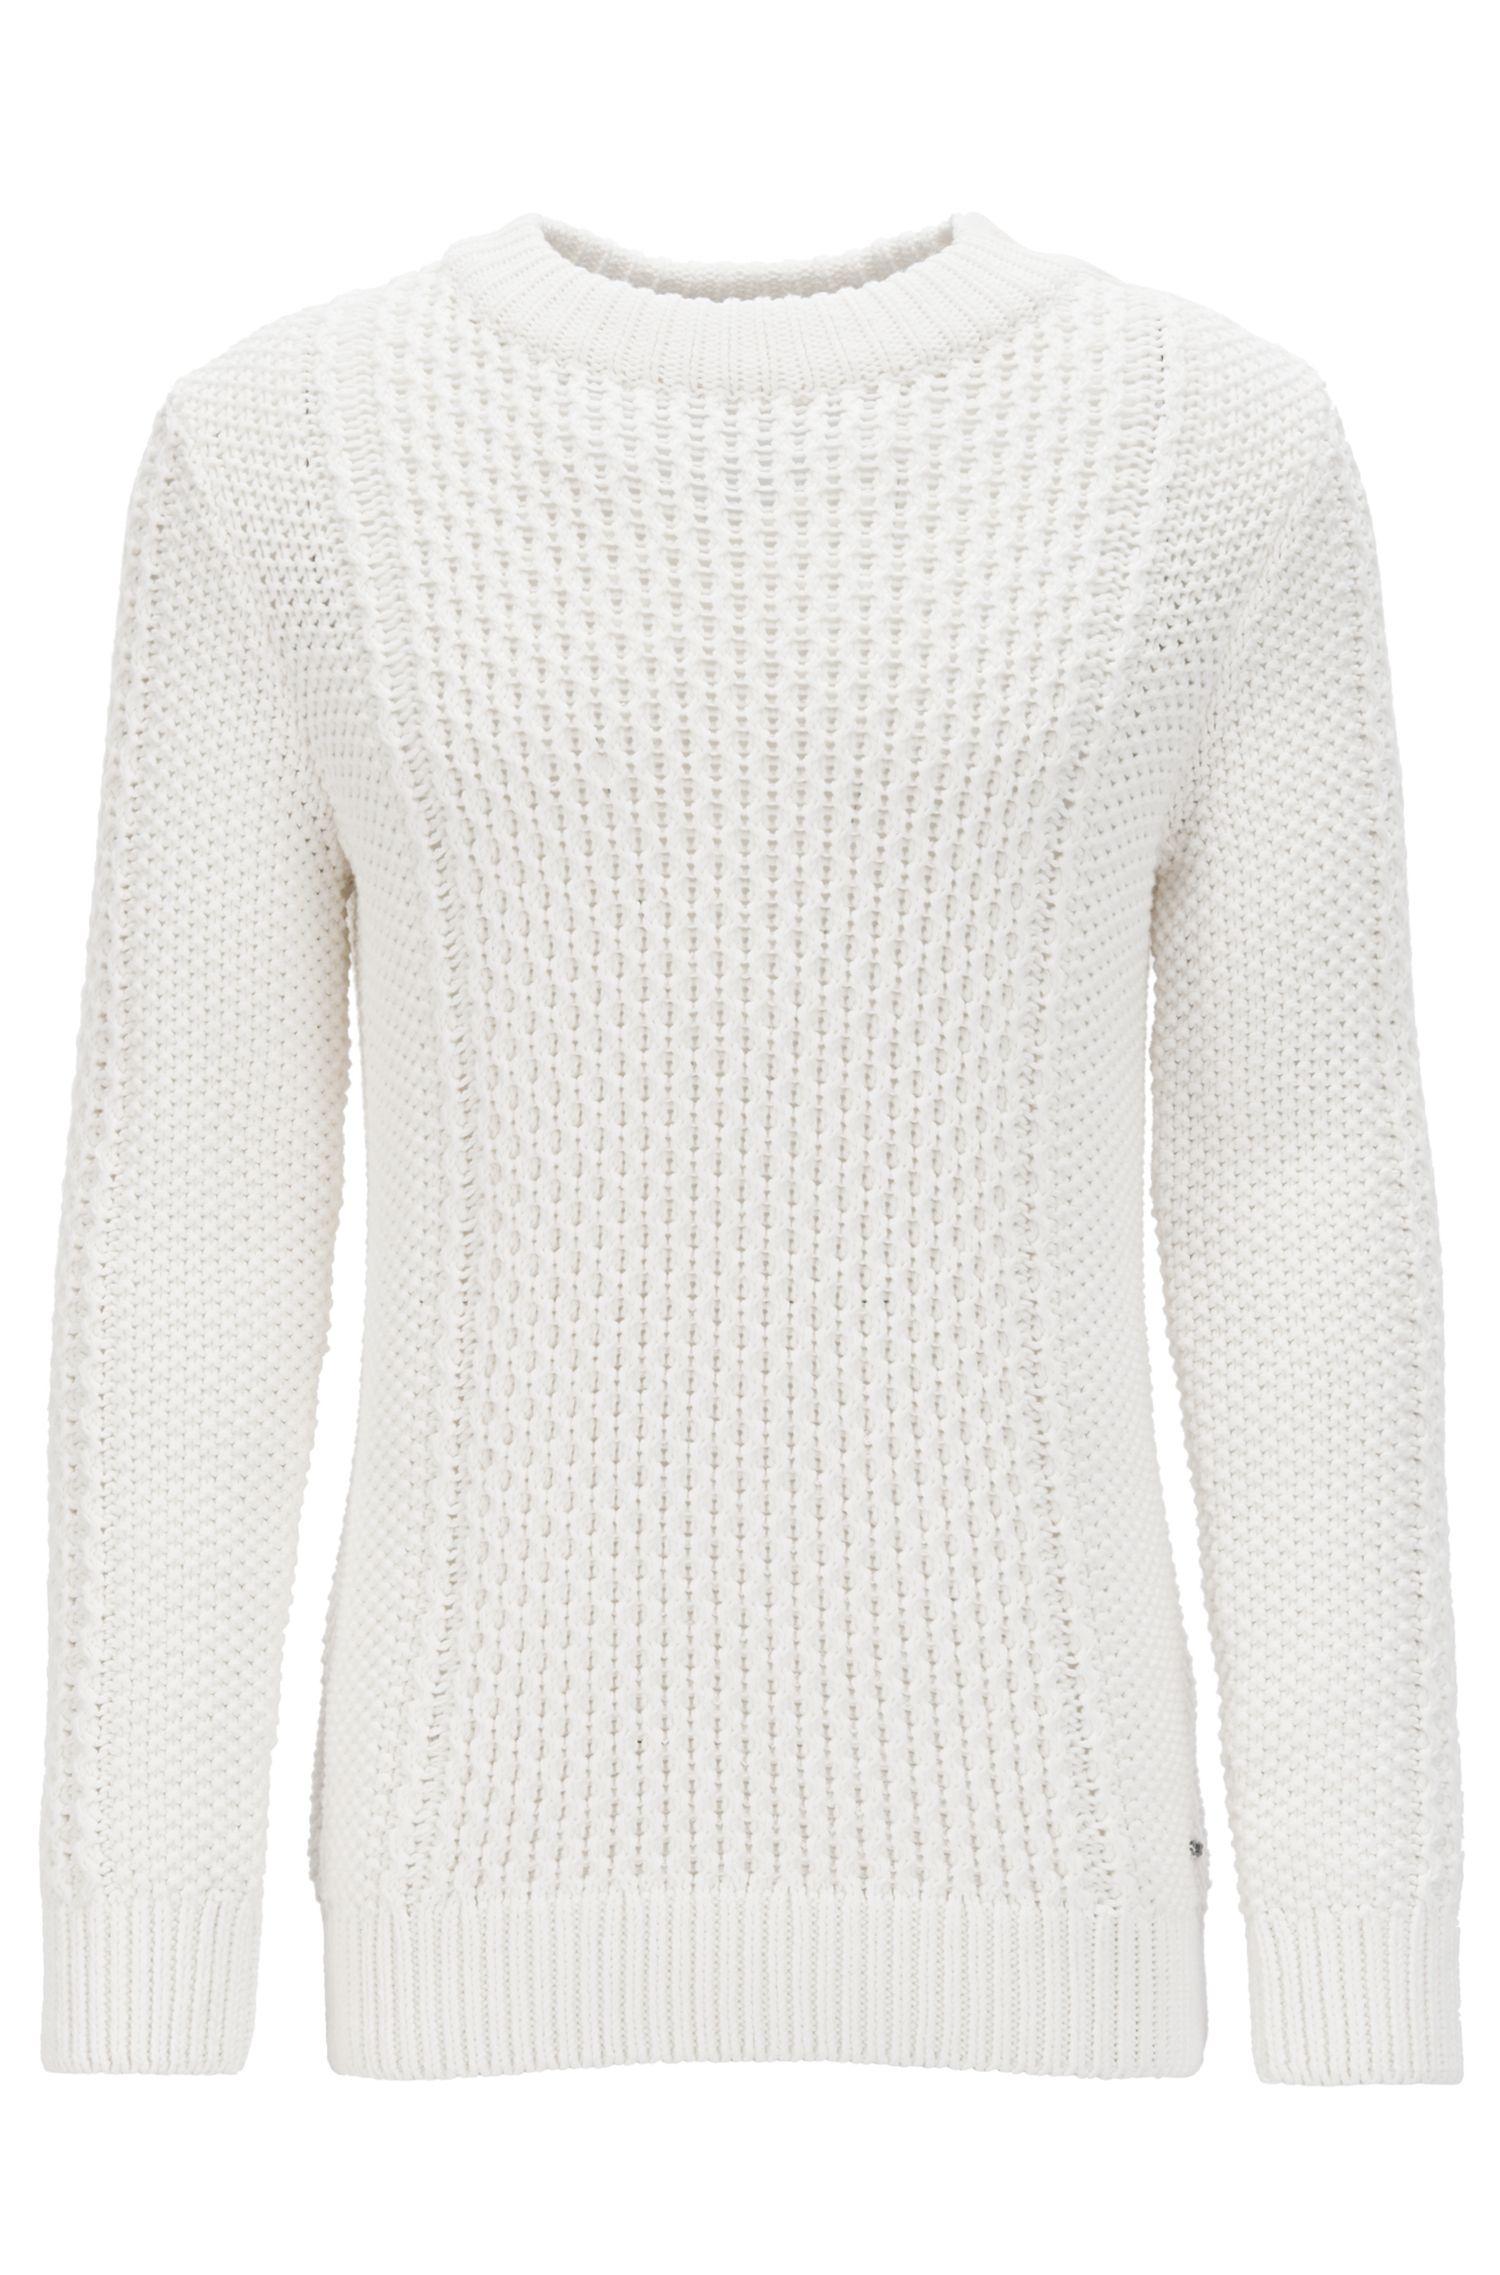 Pullover aus Baumwoll-Mix mit Zopfstrick-Muster und Knöpfen